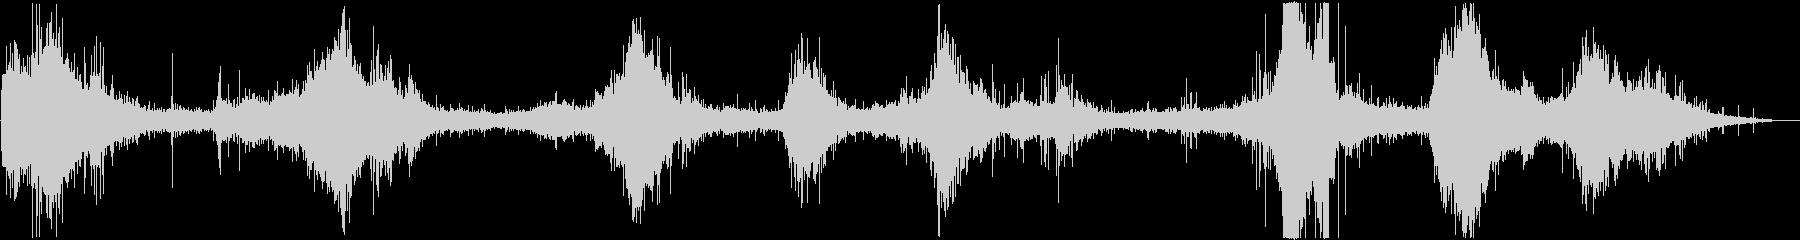 バイノーラル録音 穏やかな波の音の未再生の波形